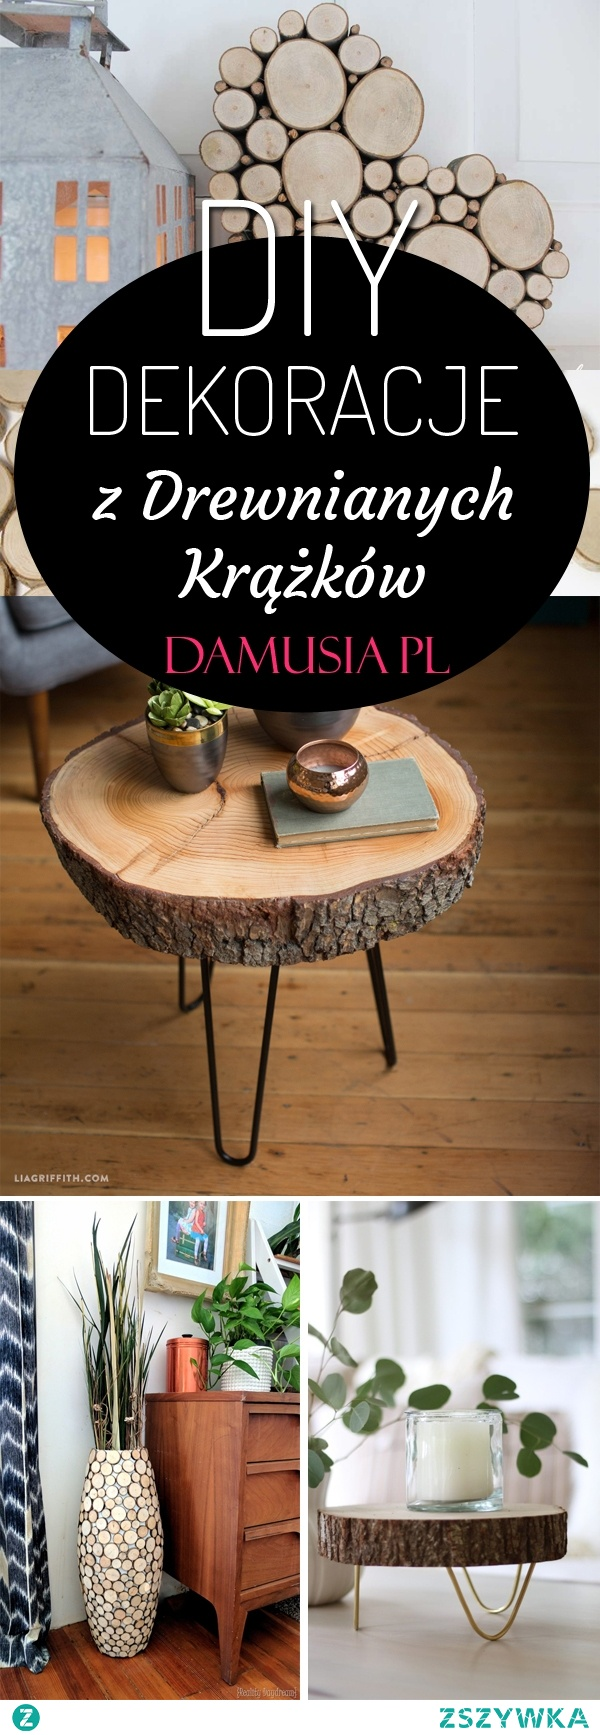 Jak Wykorzystać Plastry Drewna? TOP 15 DIY Projektów na Dekoracje z Drewnianych Krążków